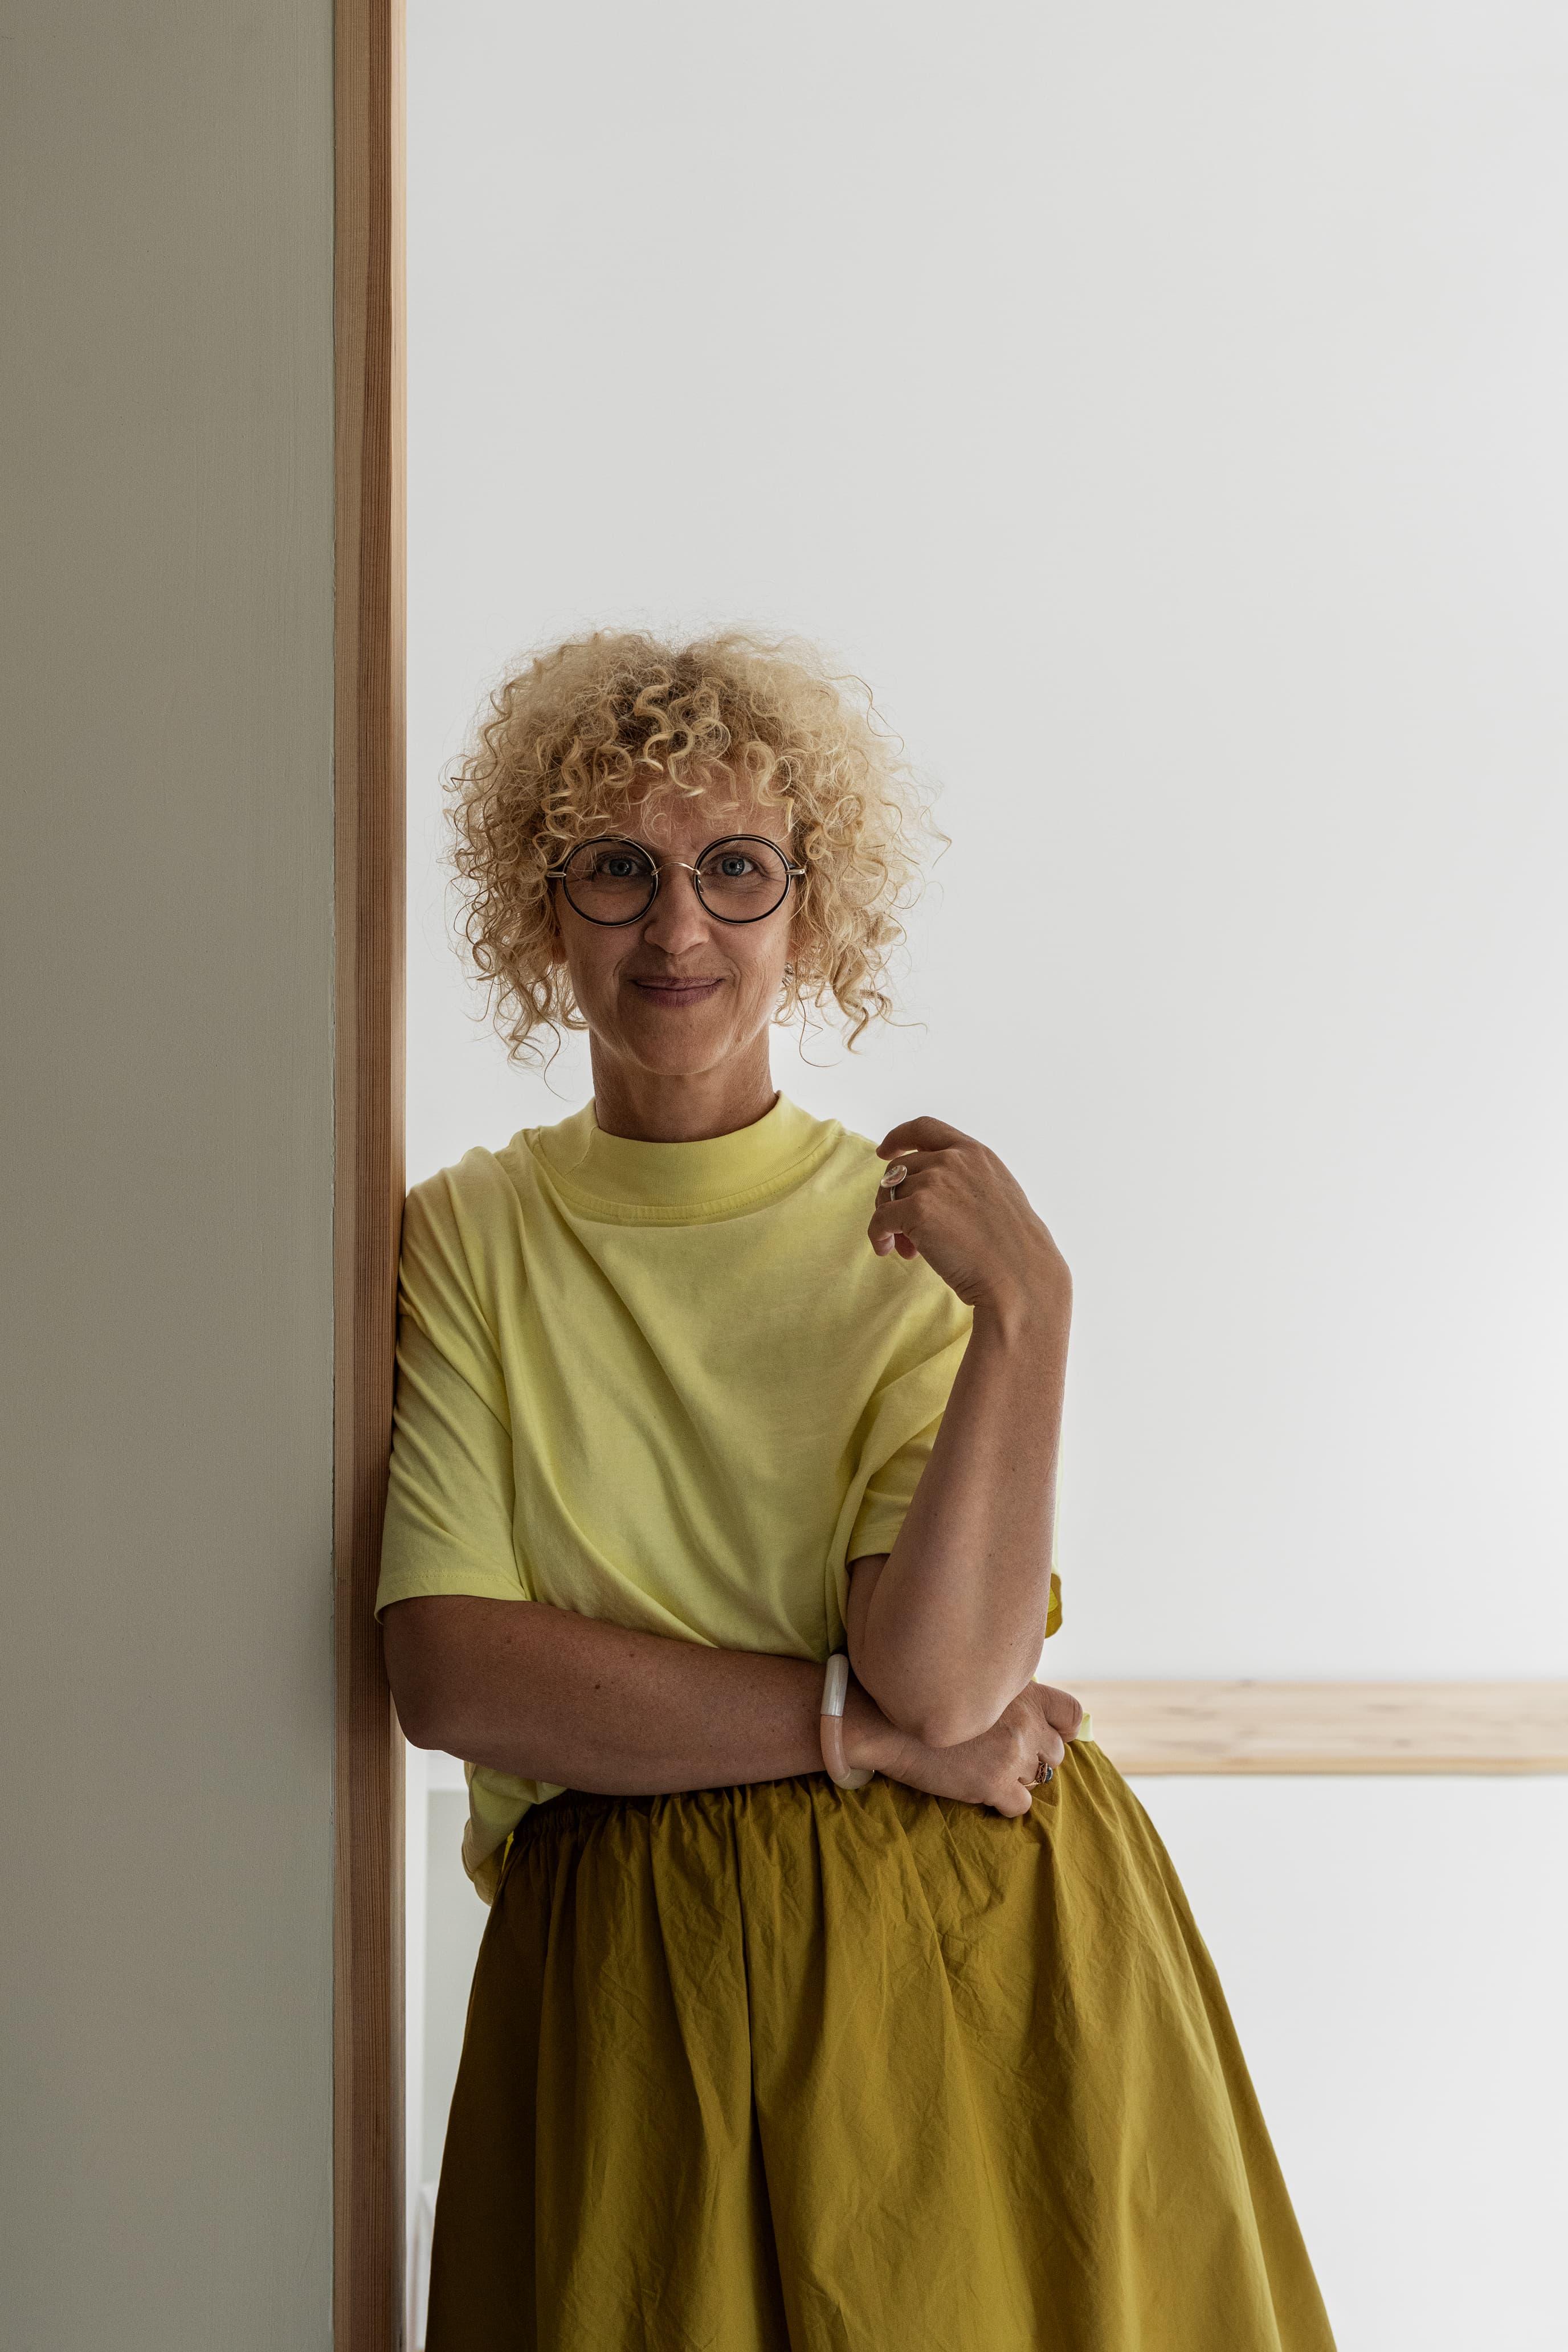 Inredningsstylist Tina Hellberg om färgval och att förhålla sig till trender